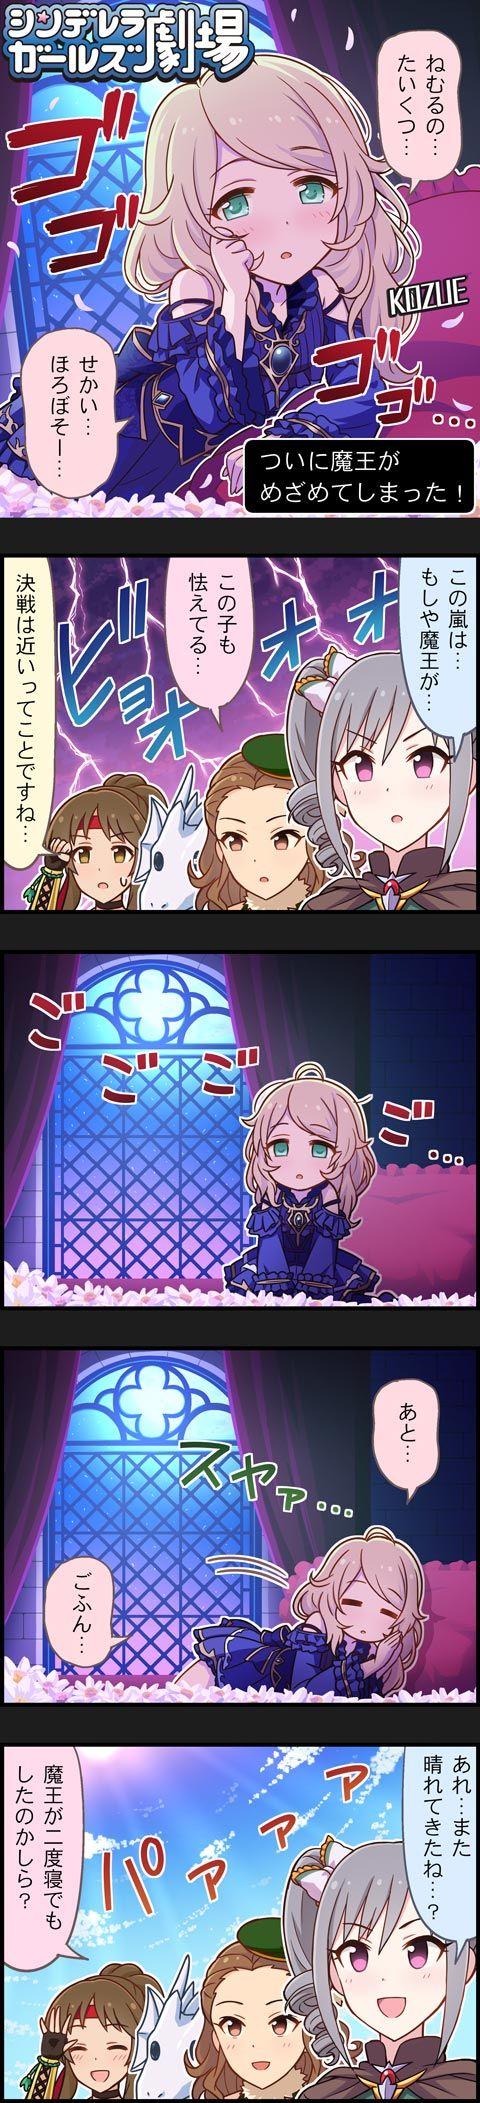 【第833話】勇者ランコの冒険~魔王覚醒